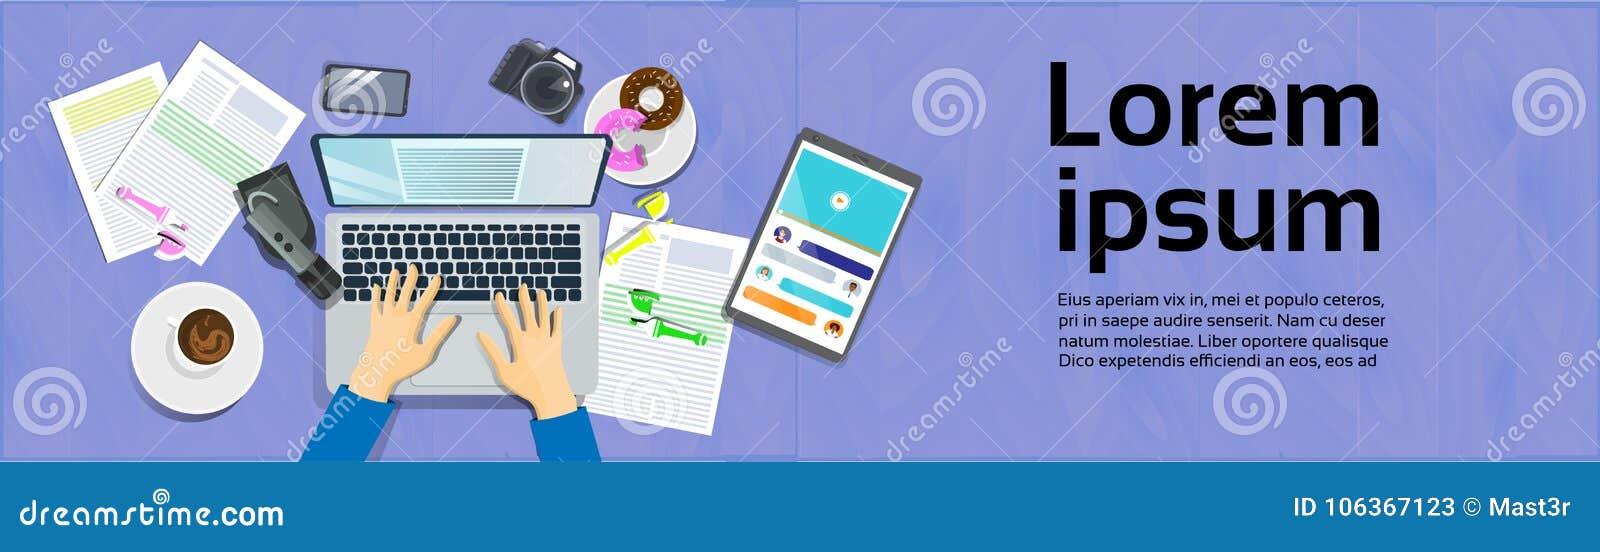 Hände, die auf Laptop-Computer, Draufsicht über Schreibtisch mit Digital-Tablet und dem Smart-Telefon-Arbeitsplatz-Konzept horizo